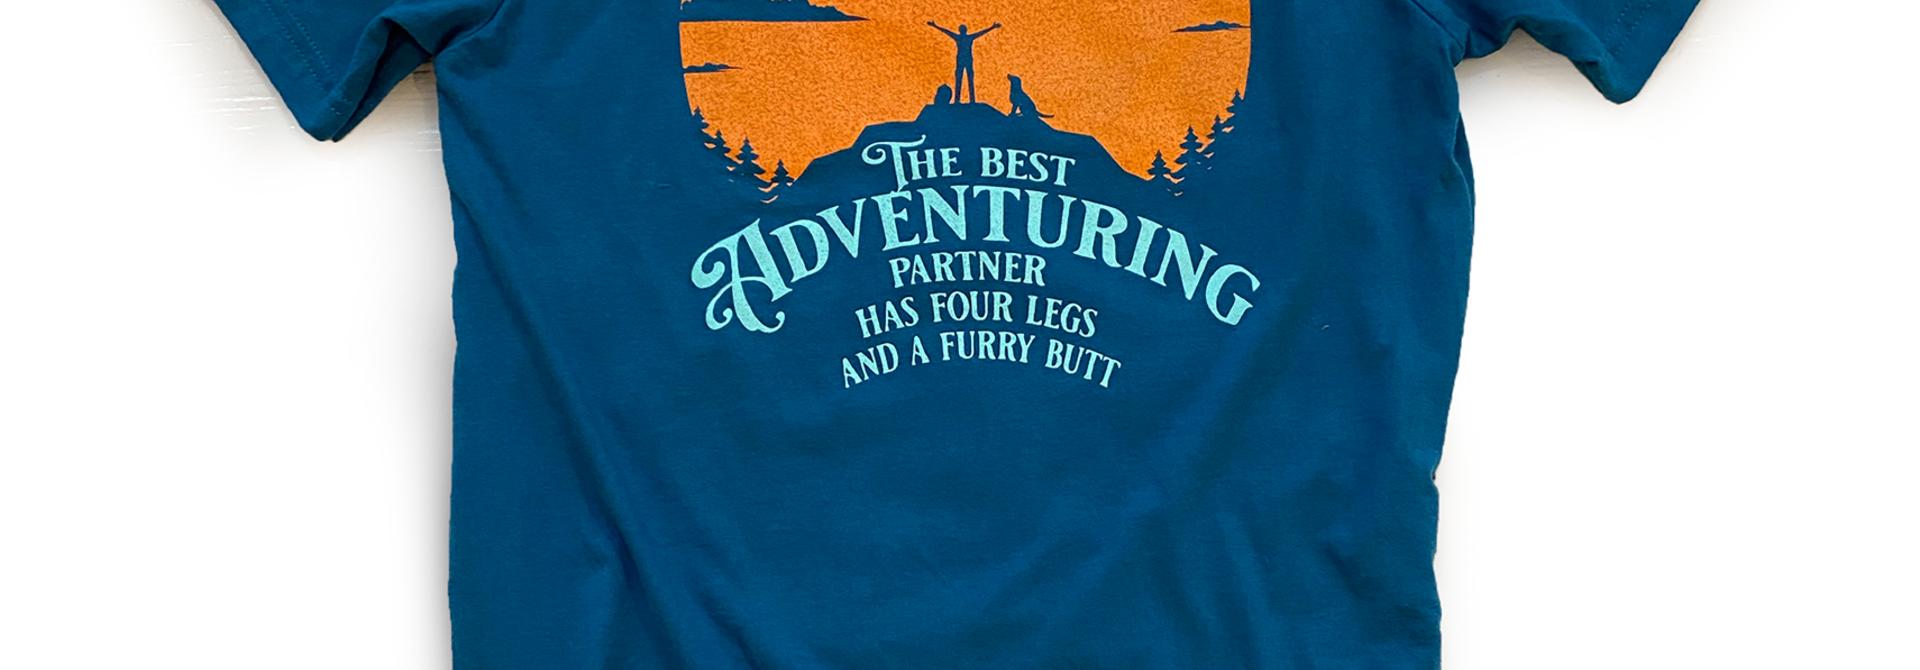 Four Legs and a Furry Butt T-shirt, Blue